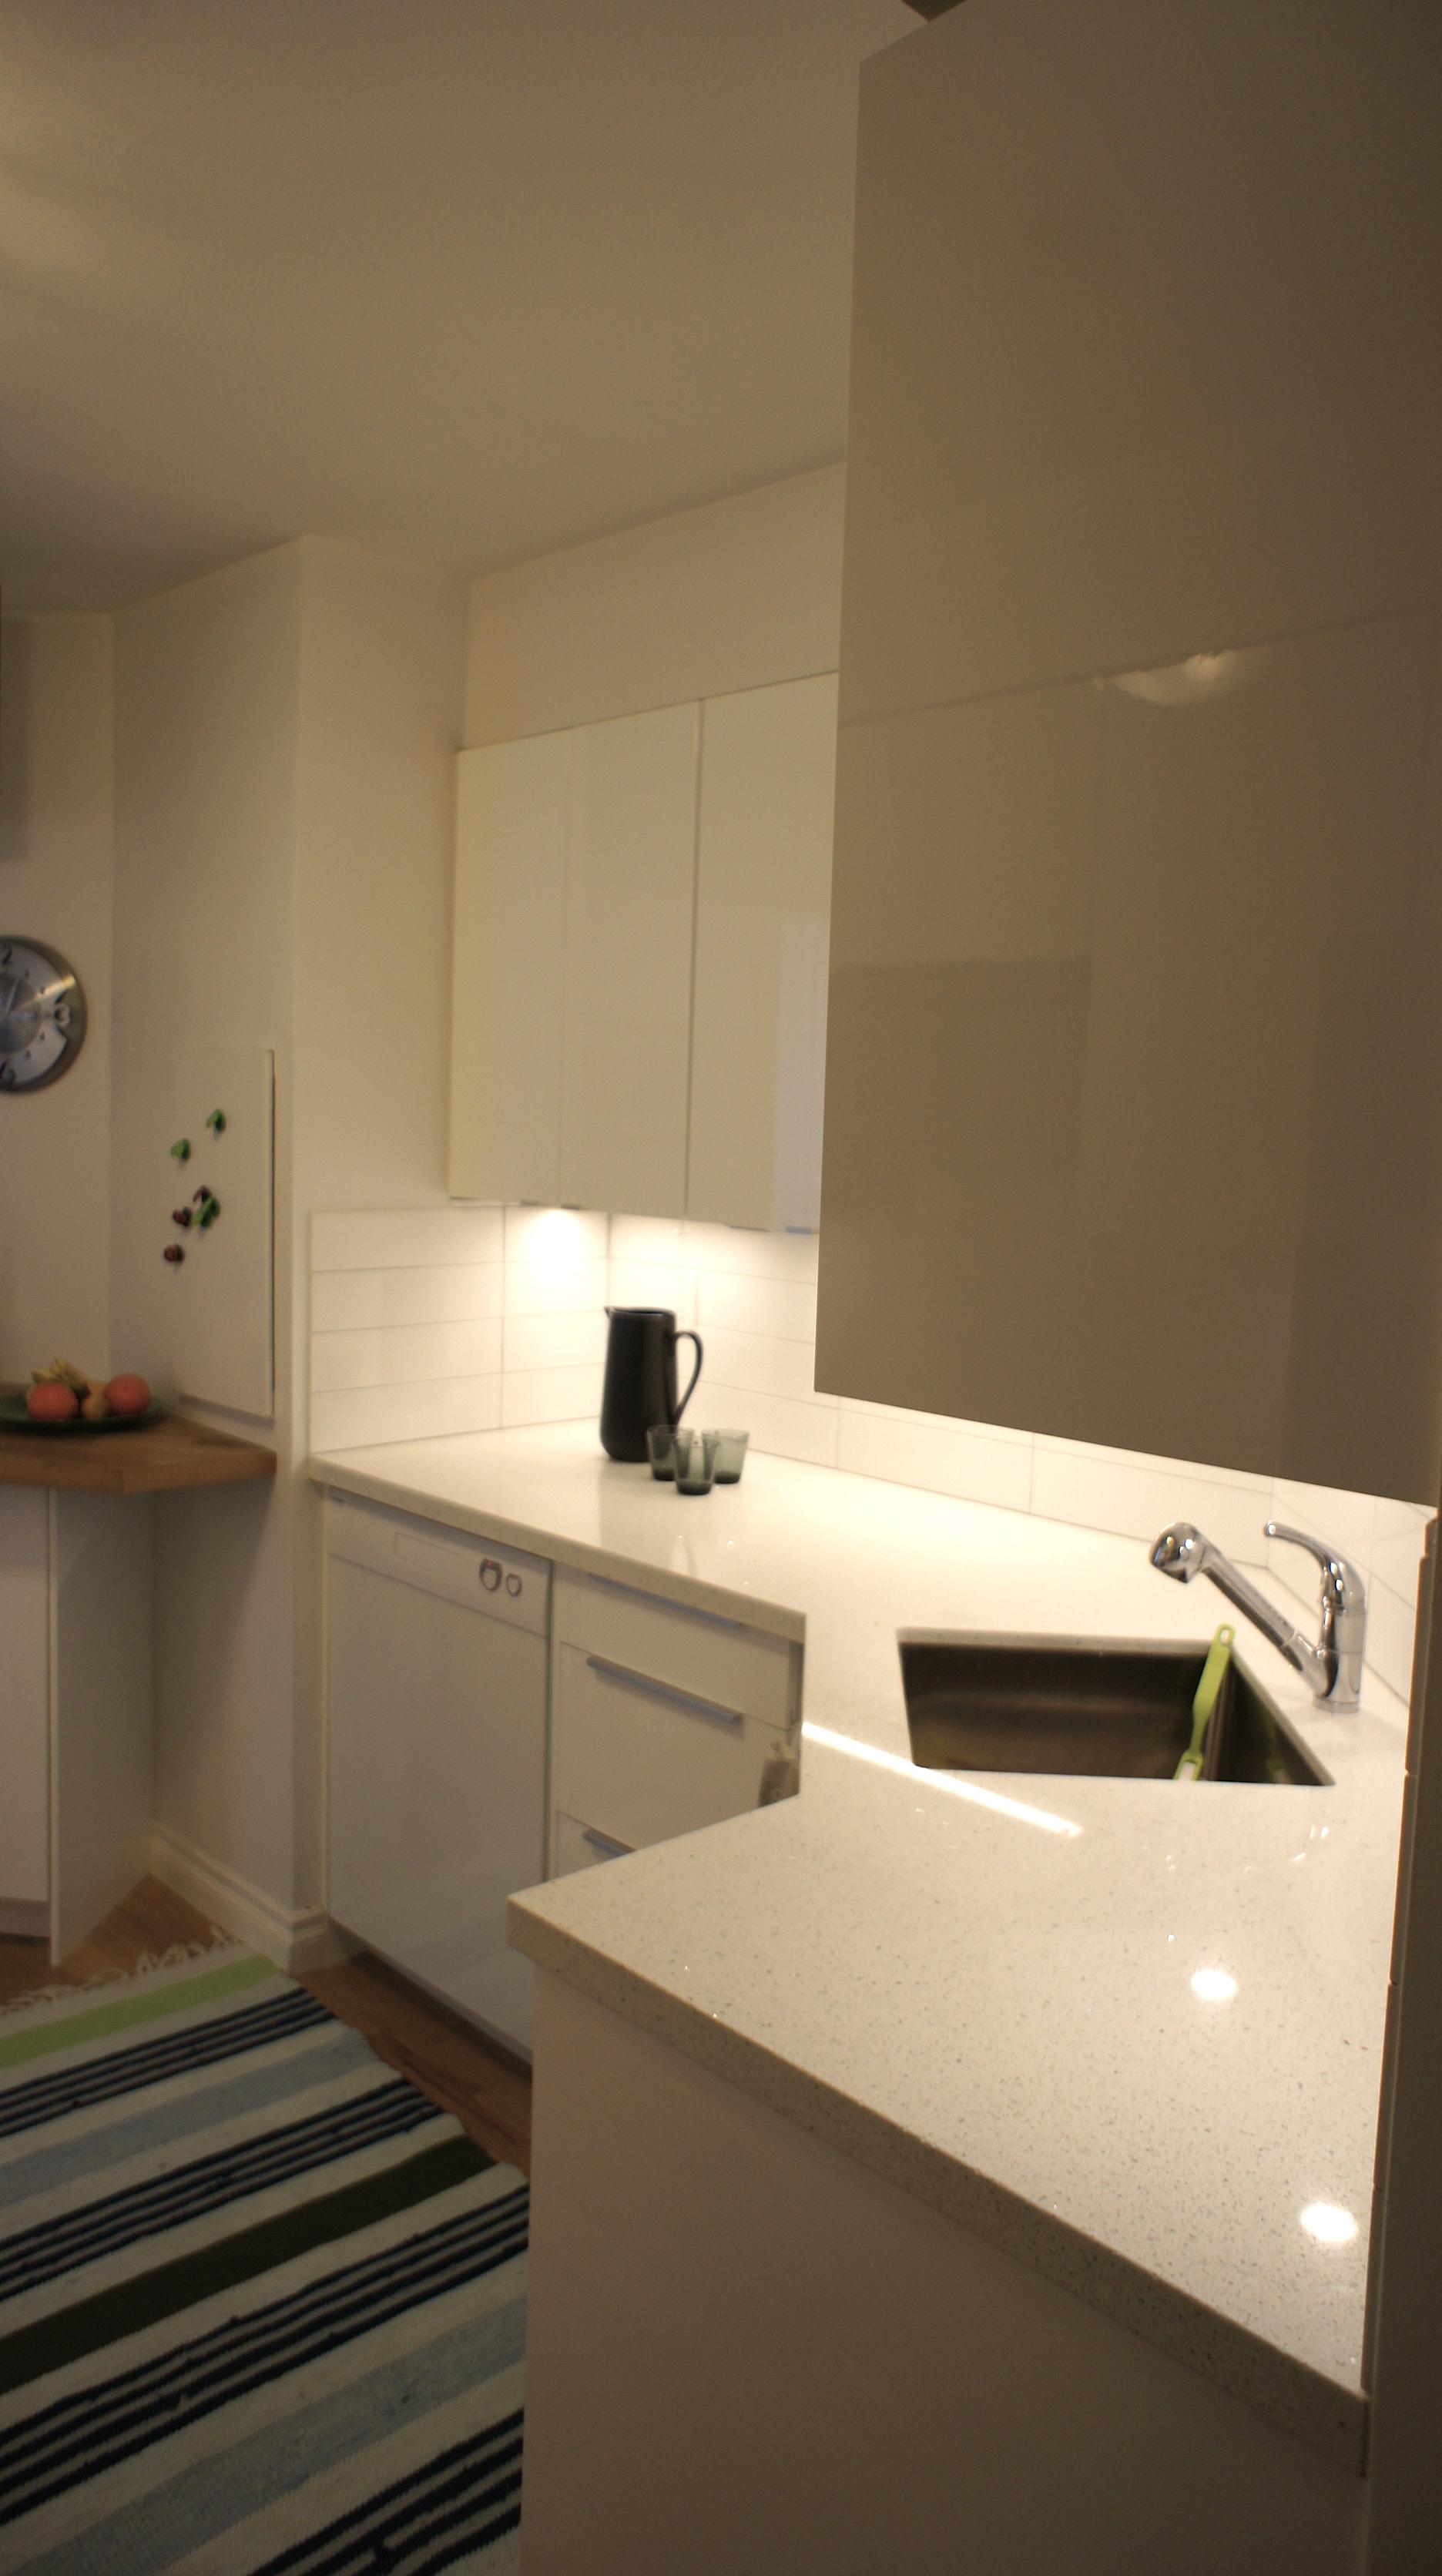 condo kitchen storage.jpg